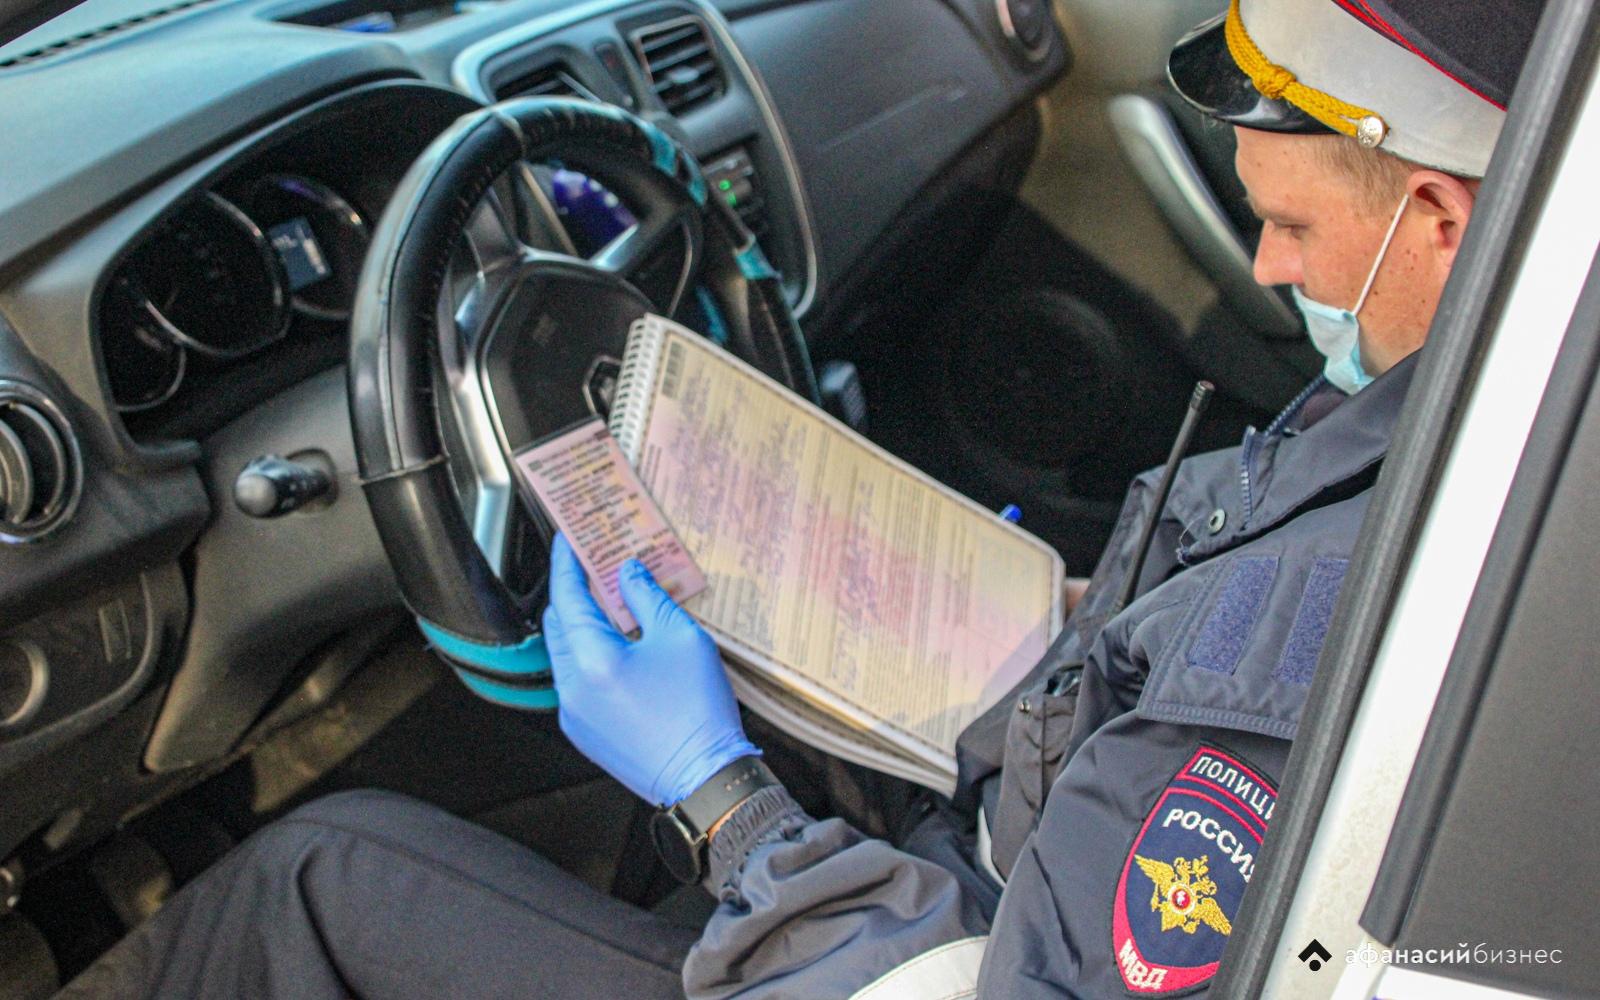 Штрафы для водителей, вычеты для налогоплательщиков, льготы для силовиков: что изменится в мае